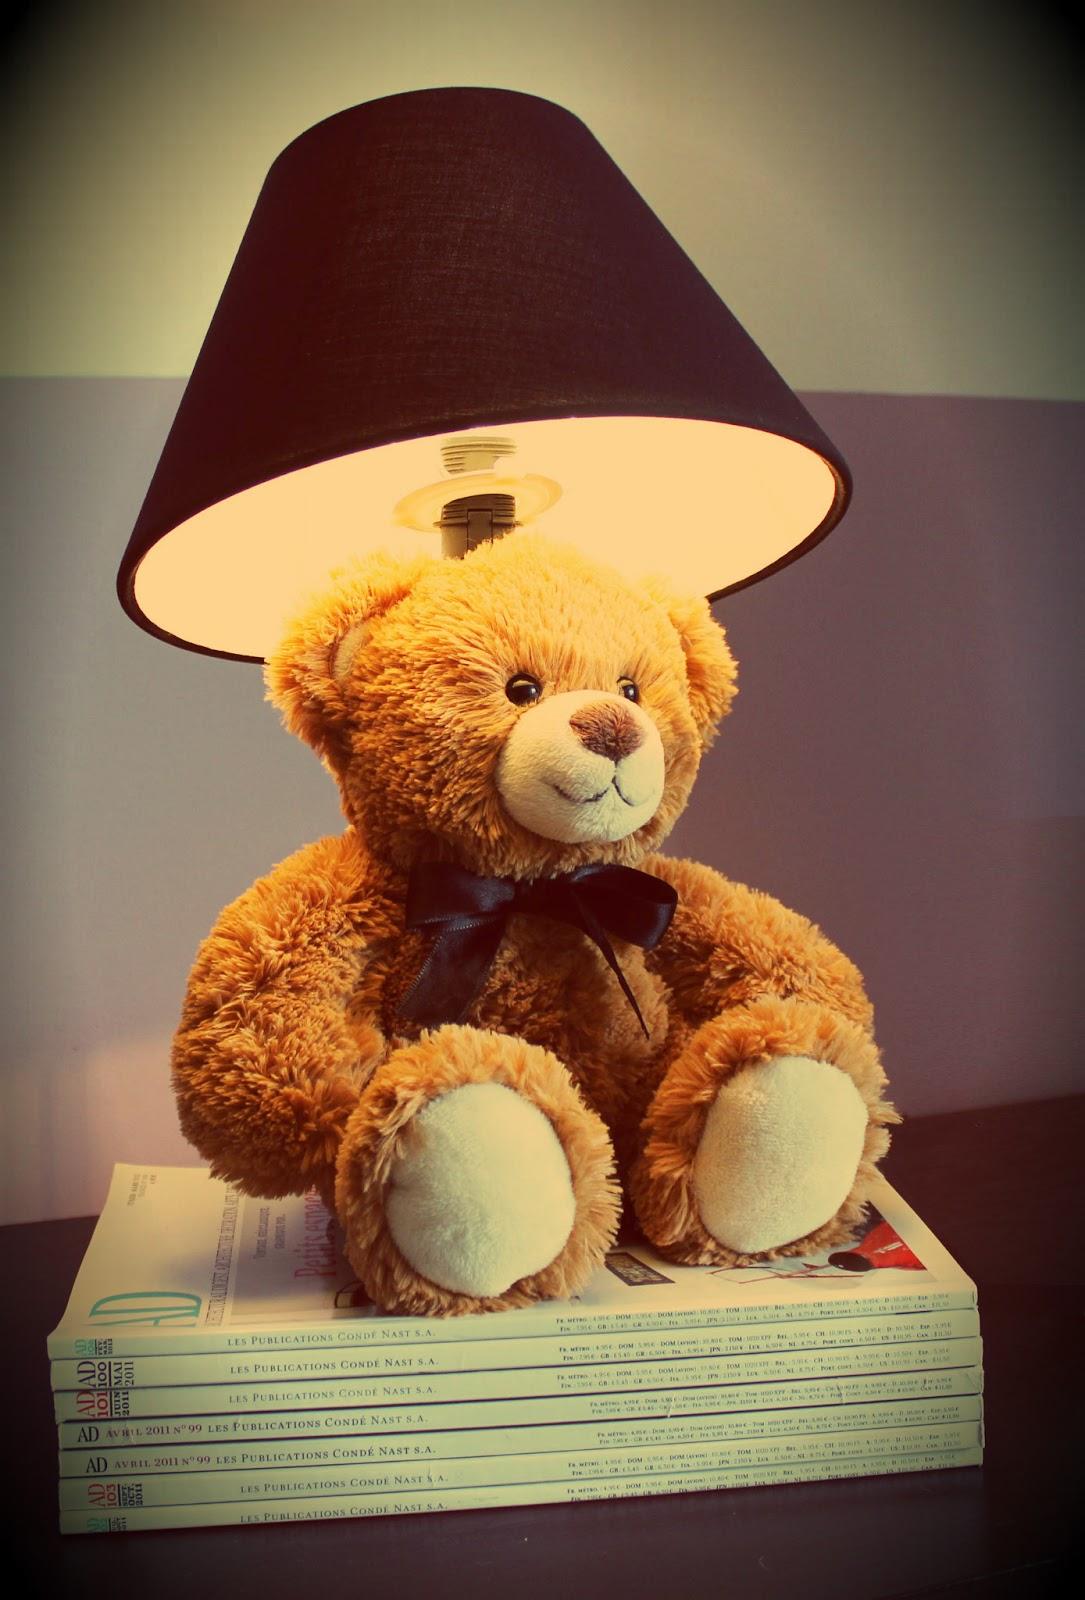 divin 39 id le blog d co lampe enfant teddy bear r alisation divin 39 id teddy bear lamp children. Black Bedroom Furniture Sets. Home Design Ideas